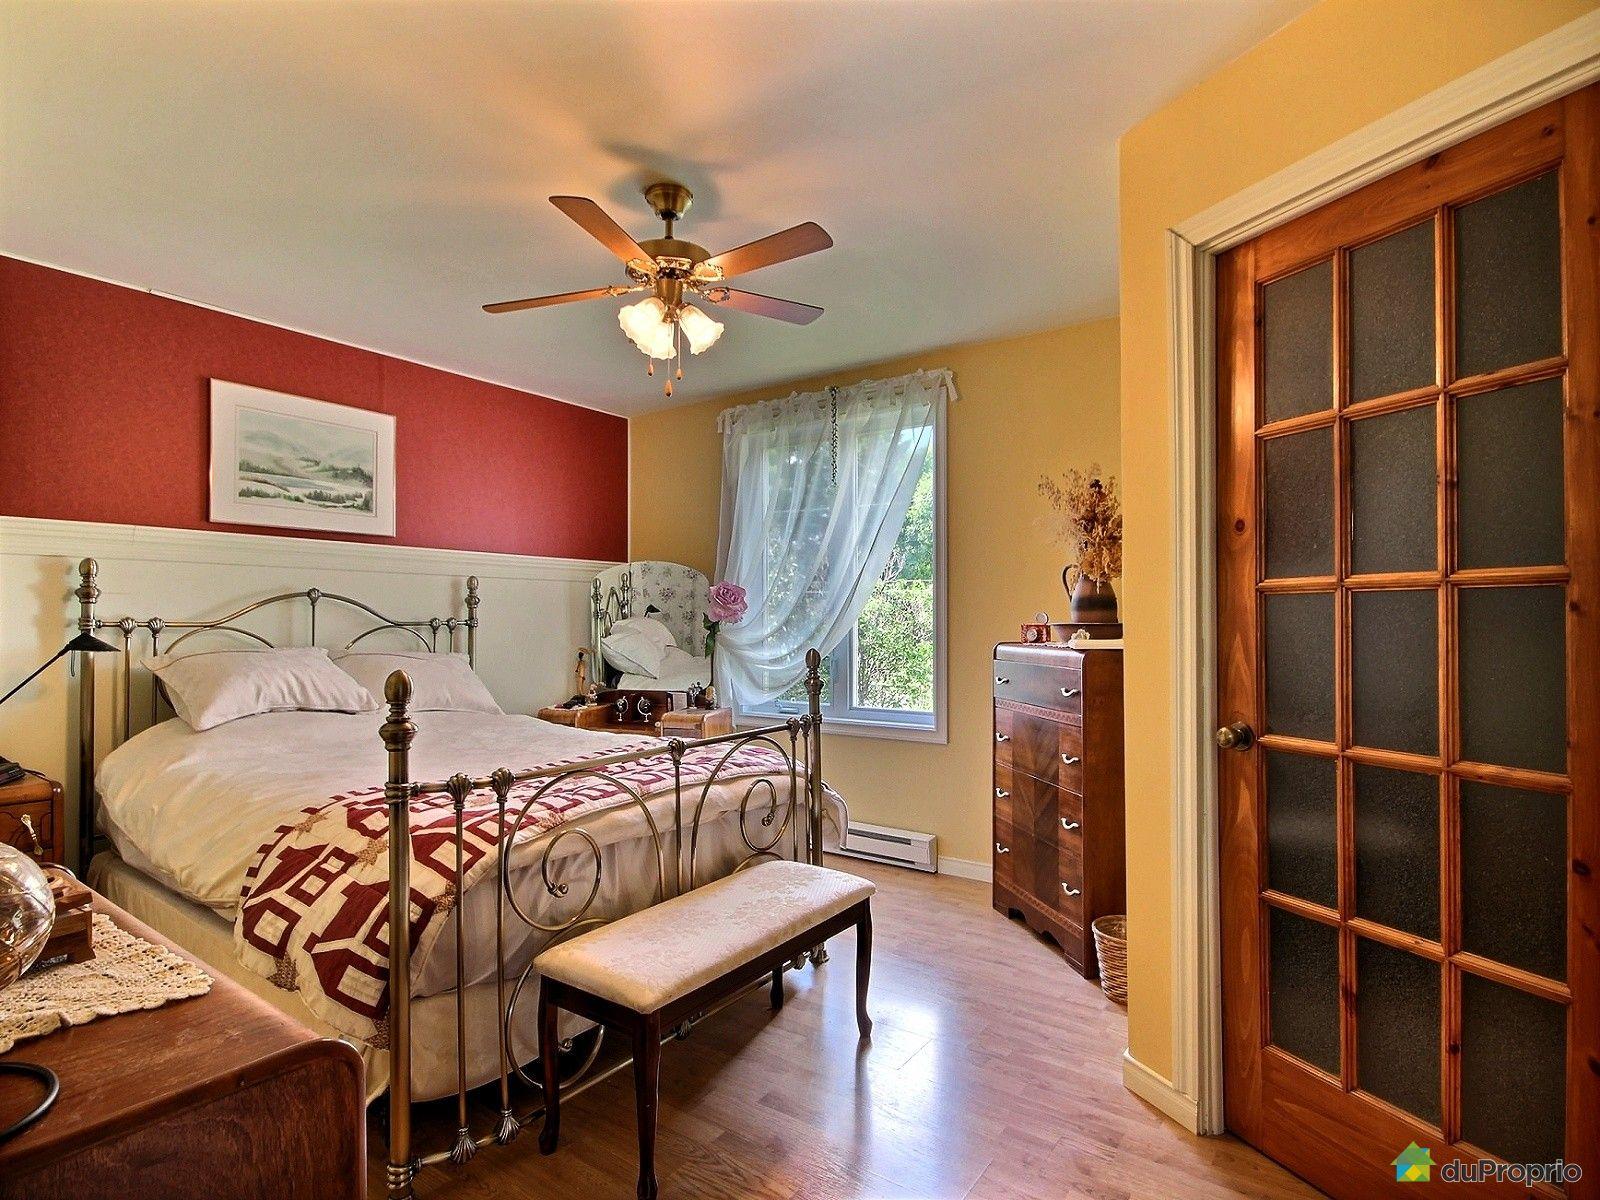 Maison vendre chicoutimi 270 rue fillion immobilier for Chambre de commerce chicoutimi